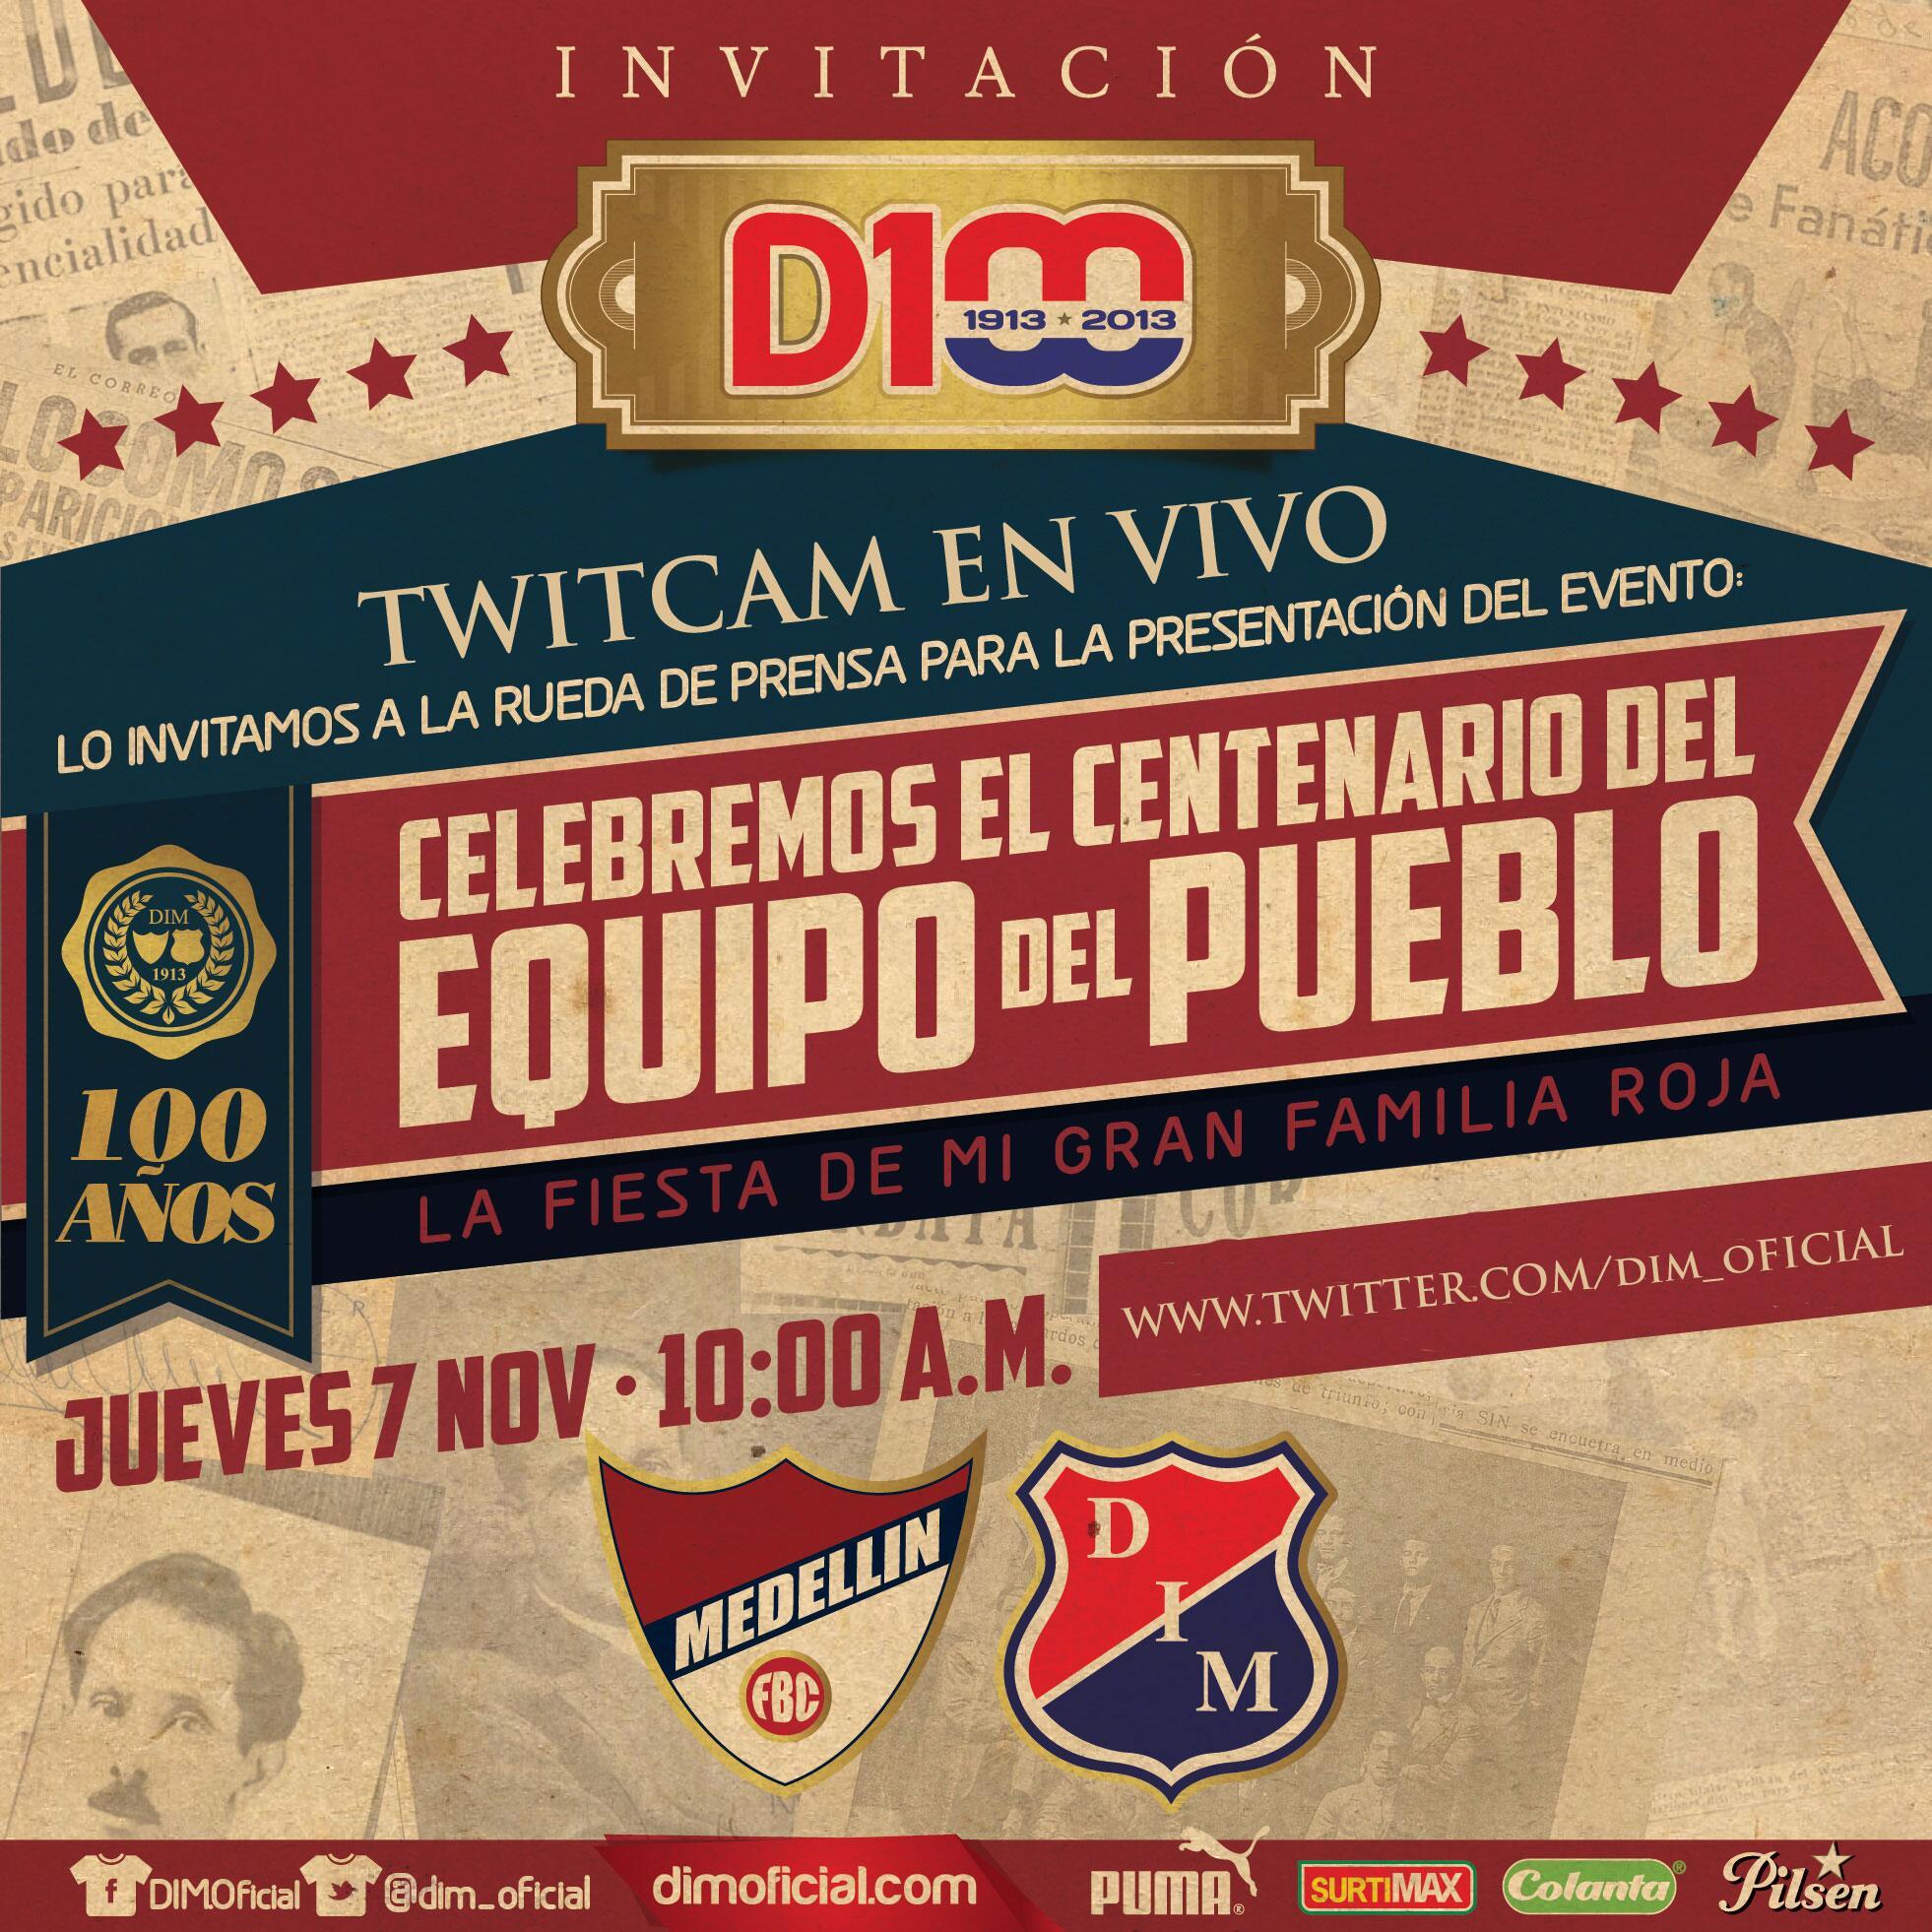 Mañana en vivo por twitcam la presentación del evento #FiestaCentenariaDIM. Hora: 10:00 a.m. http://t.co/5rU0dlLAIF